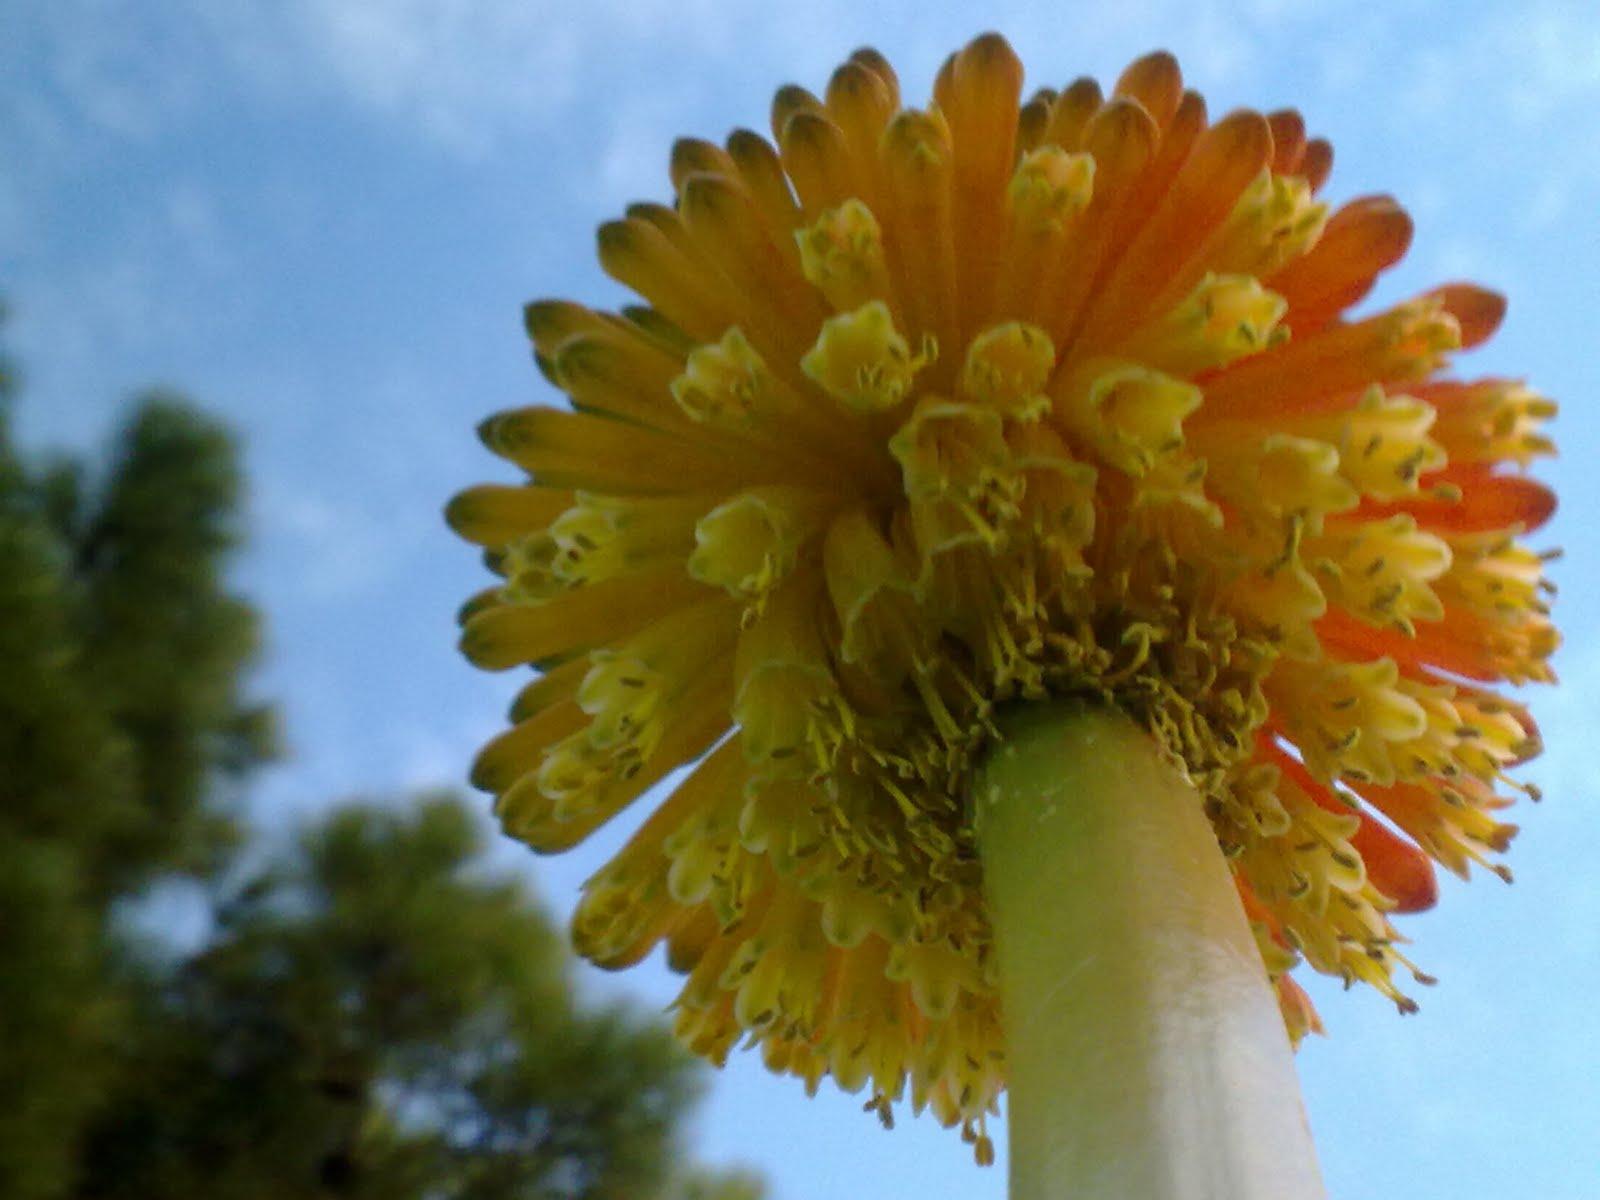 fotos de flores raras y bonitas - fotos de flores impresionantes Imagenes De Flores Bellas